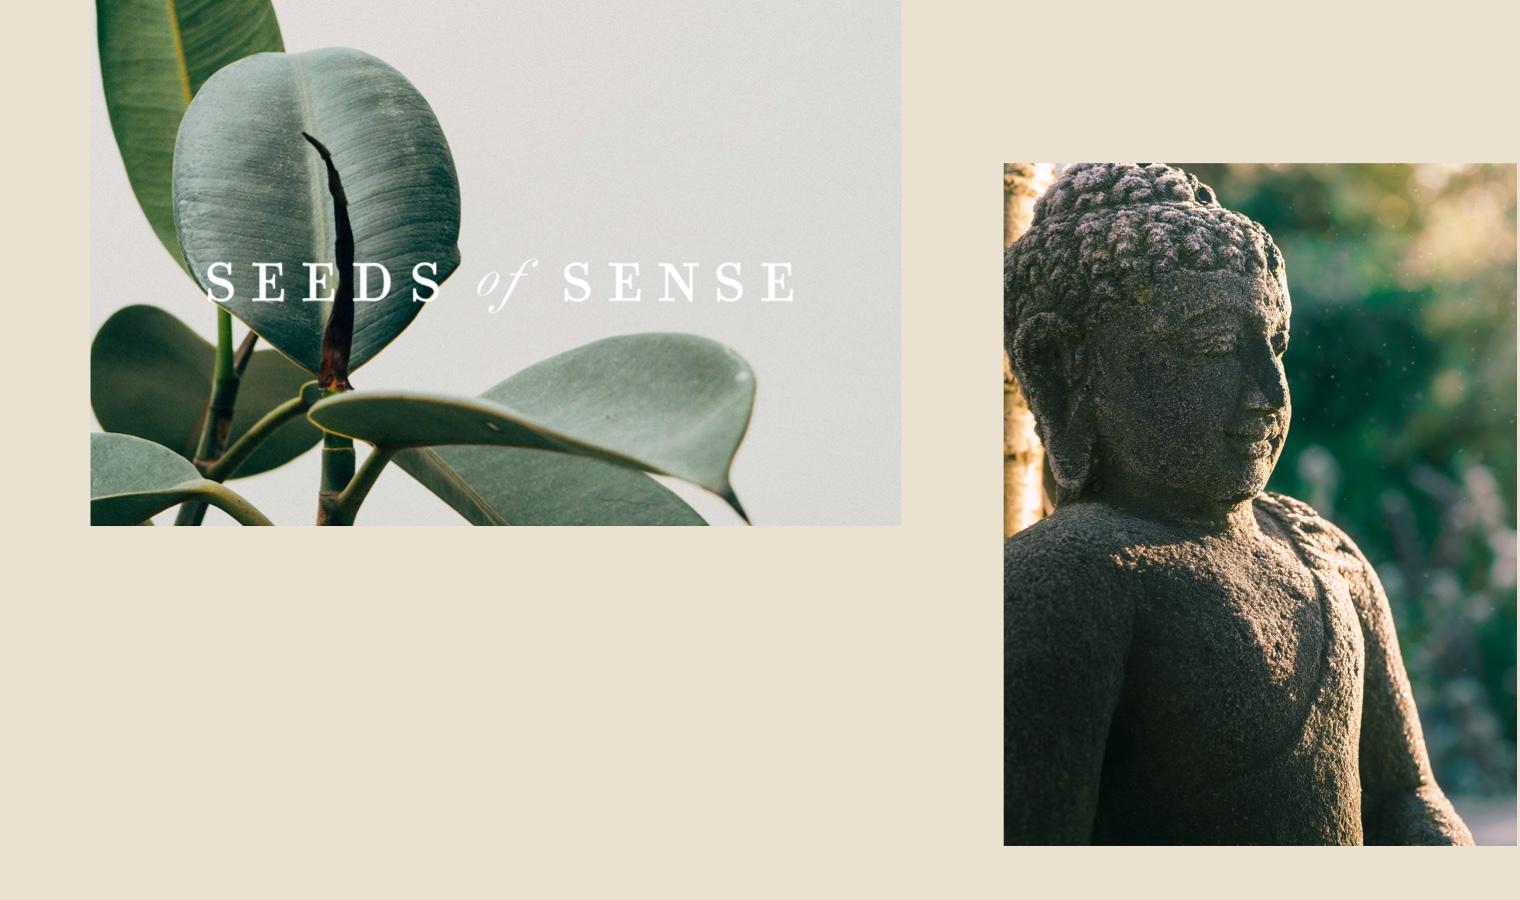 Seeds-of-Sense-Sustainable-Yoga-Wear-Branding-06.jpg